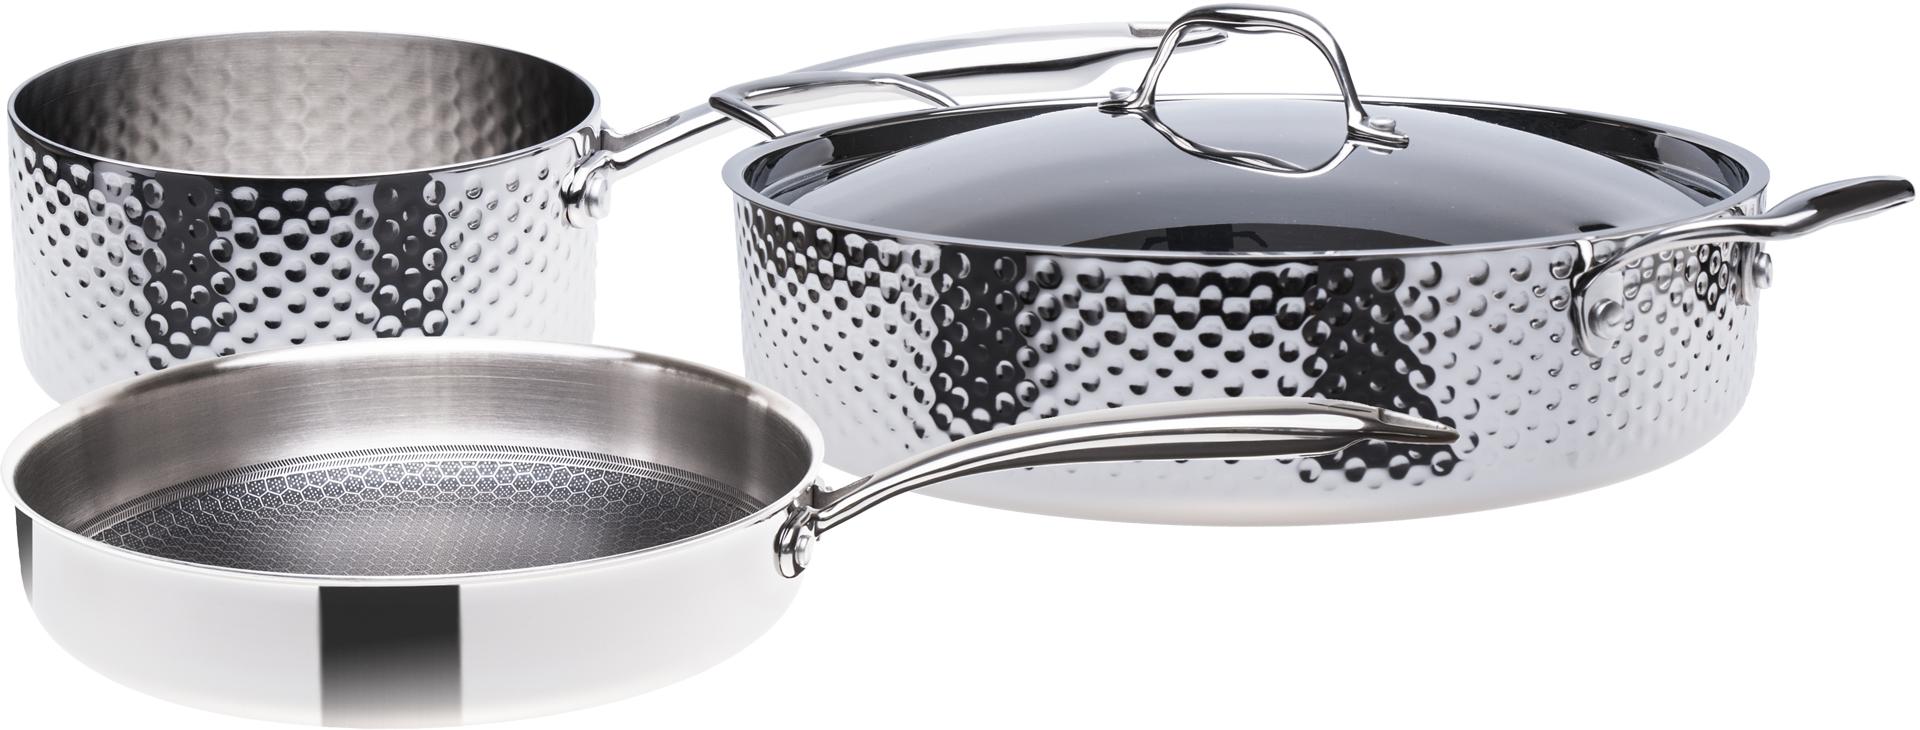 Sada nerezového nádobí, 3vrstvé, indukční, 4 dílná, STEIN